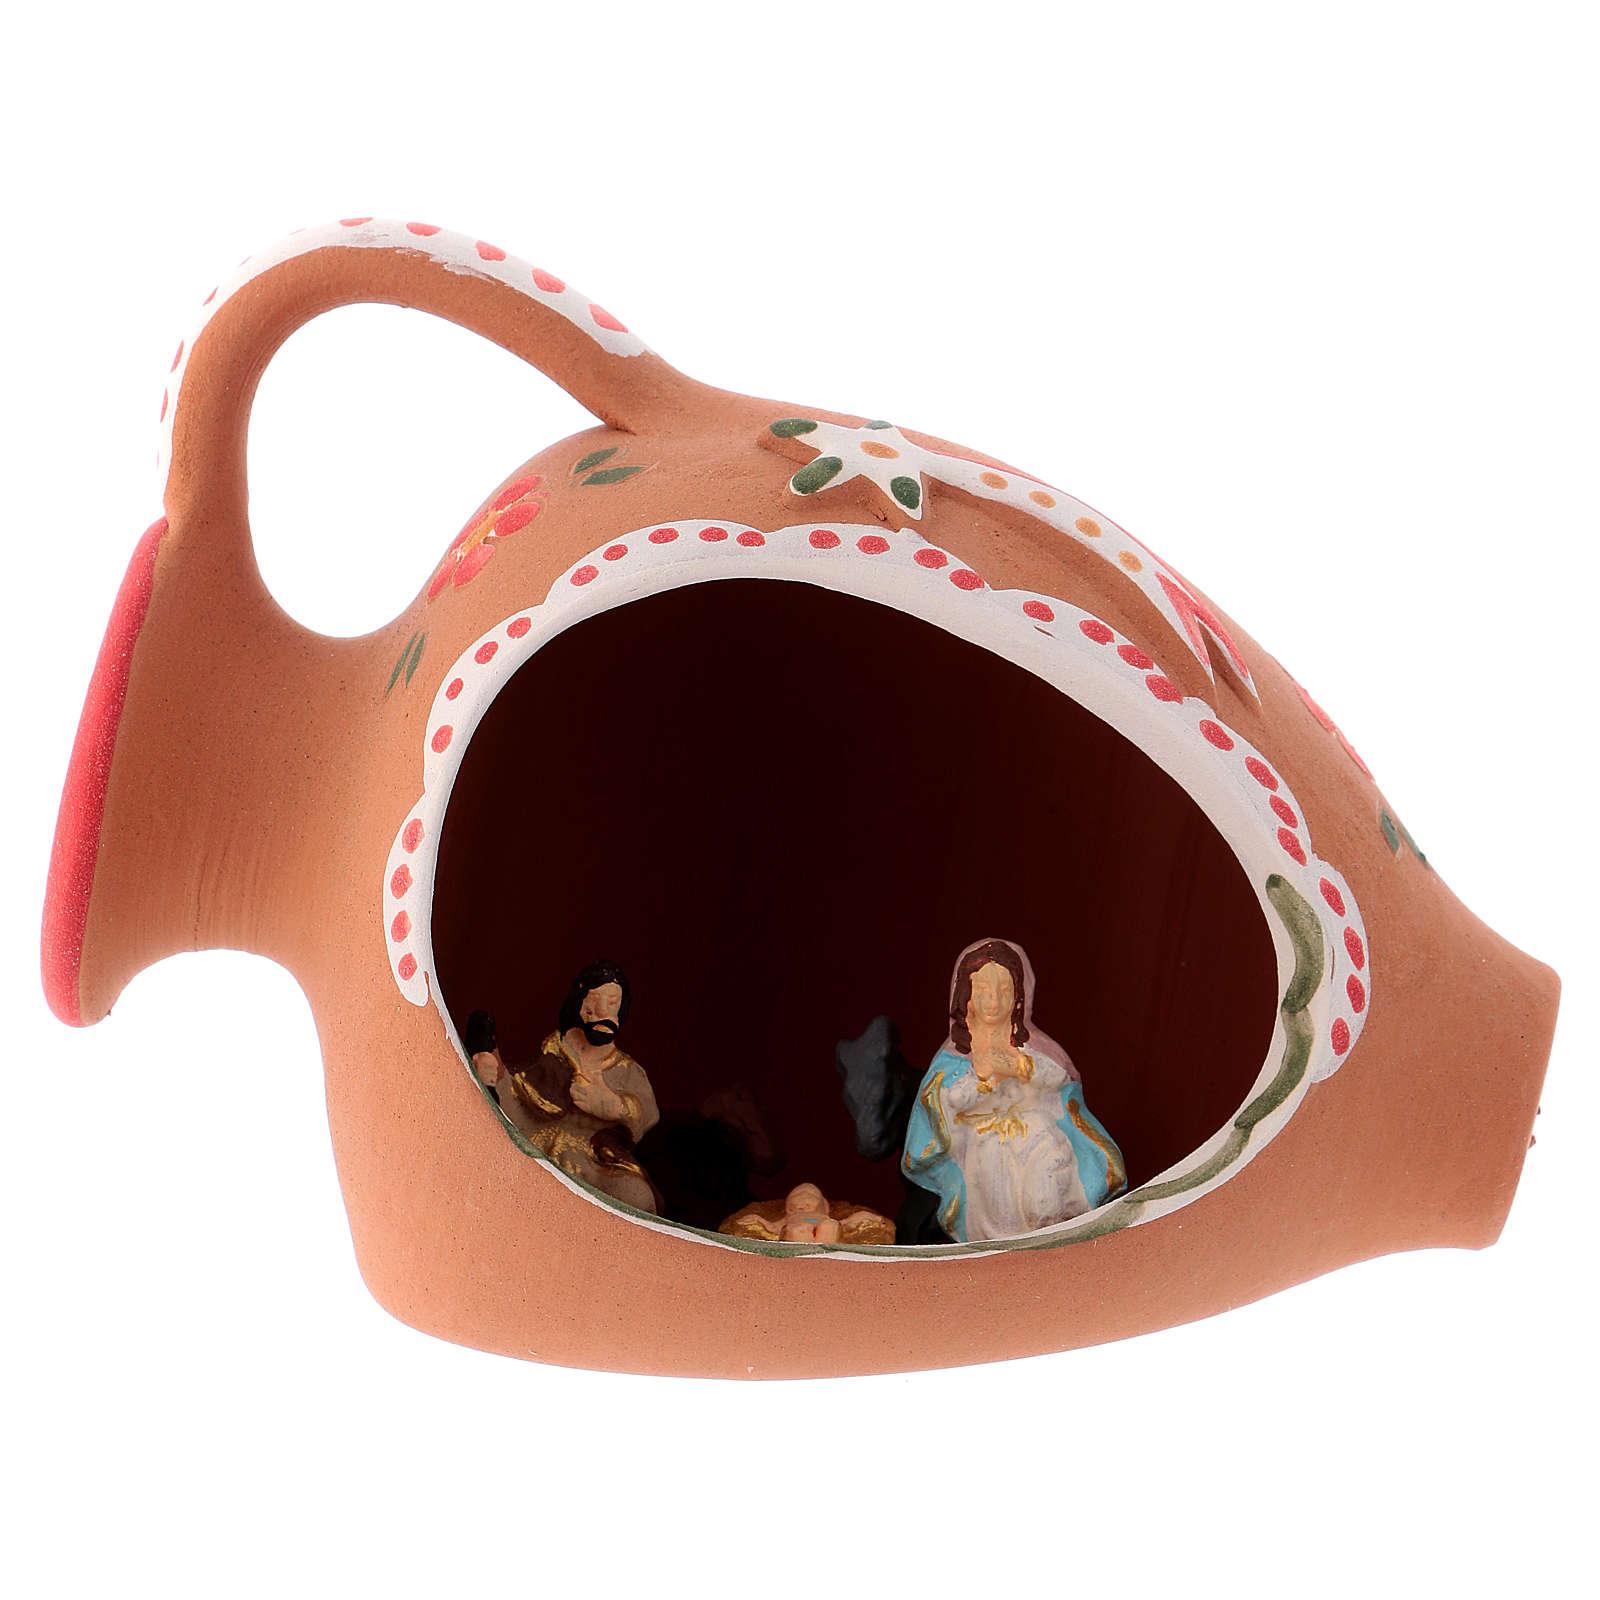 Natividade num jarra terracota 10x15x10 cm decorações vermelhas para presépio com peças de 3 cm de altura média 4